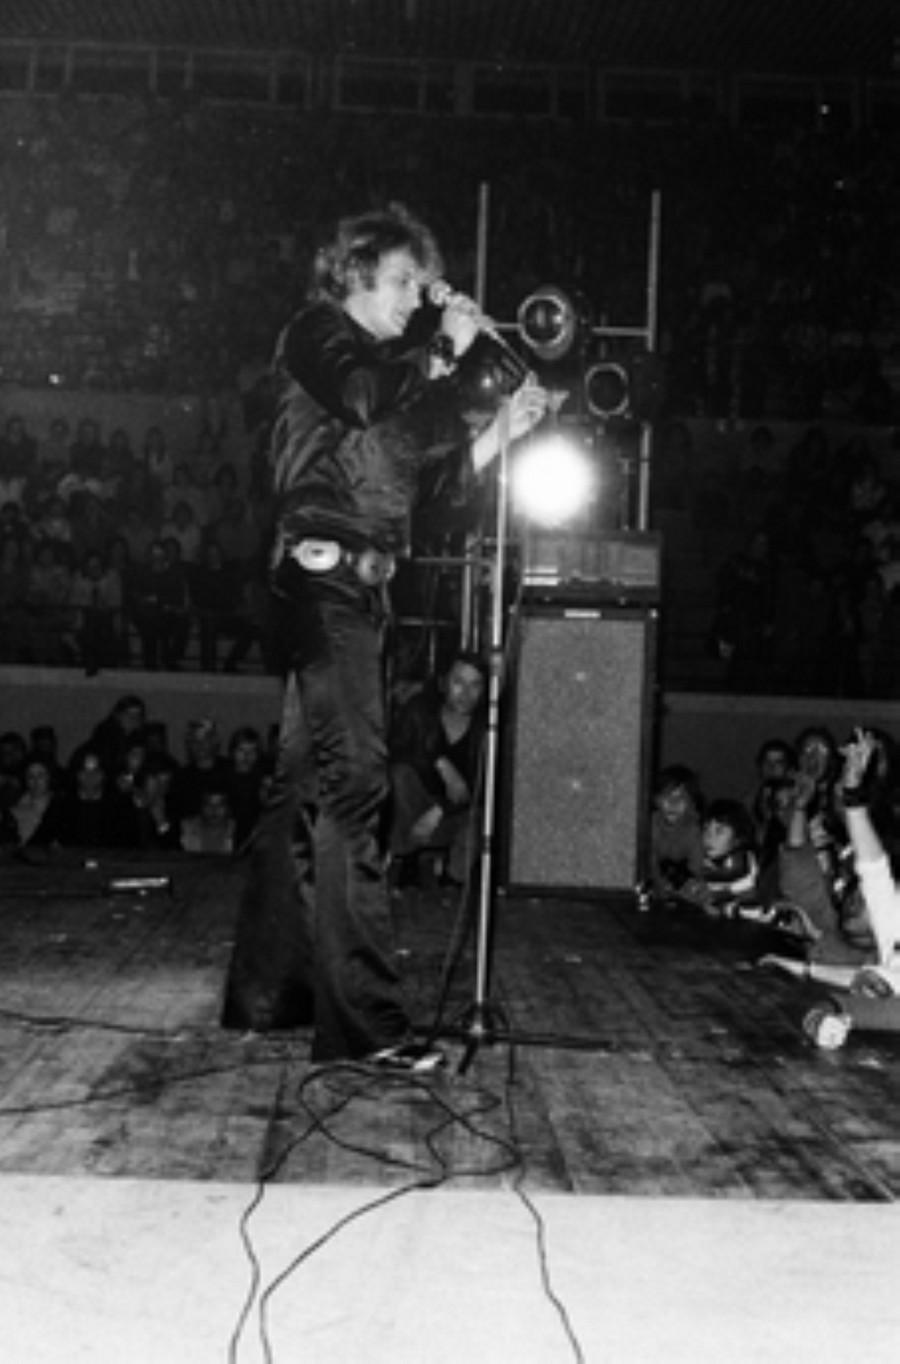 LES CONCERTS DE JOHNNY 'BESANCON 1971' Akg77019